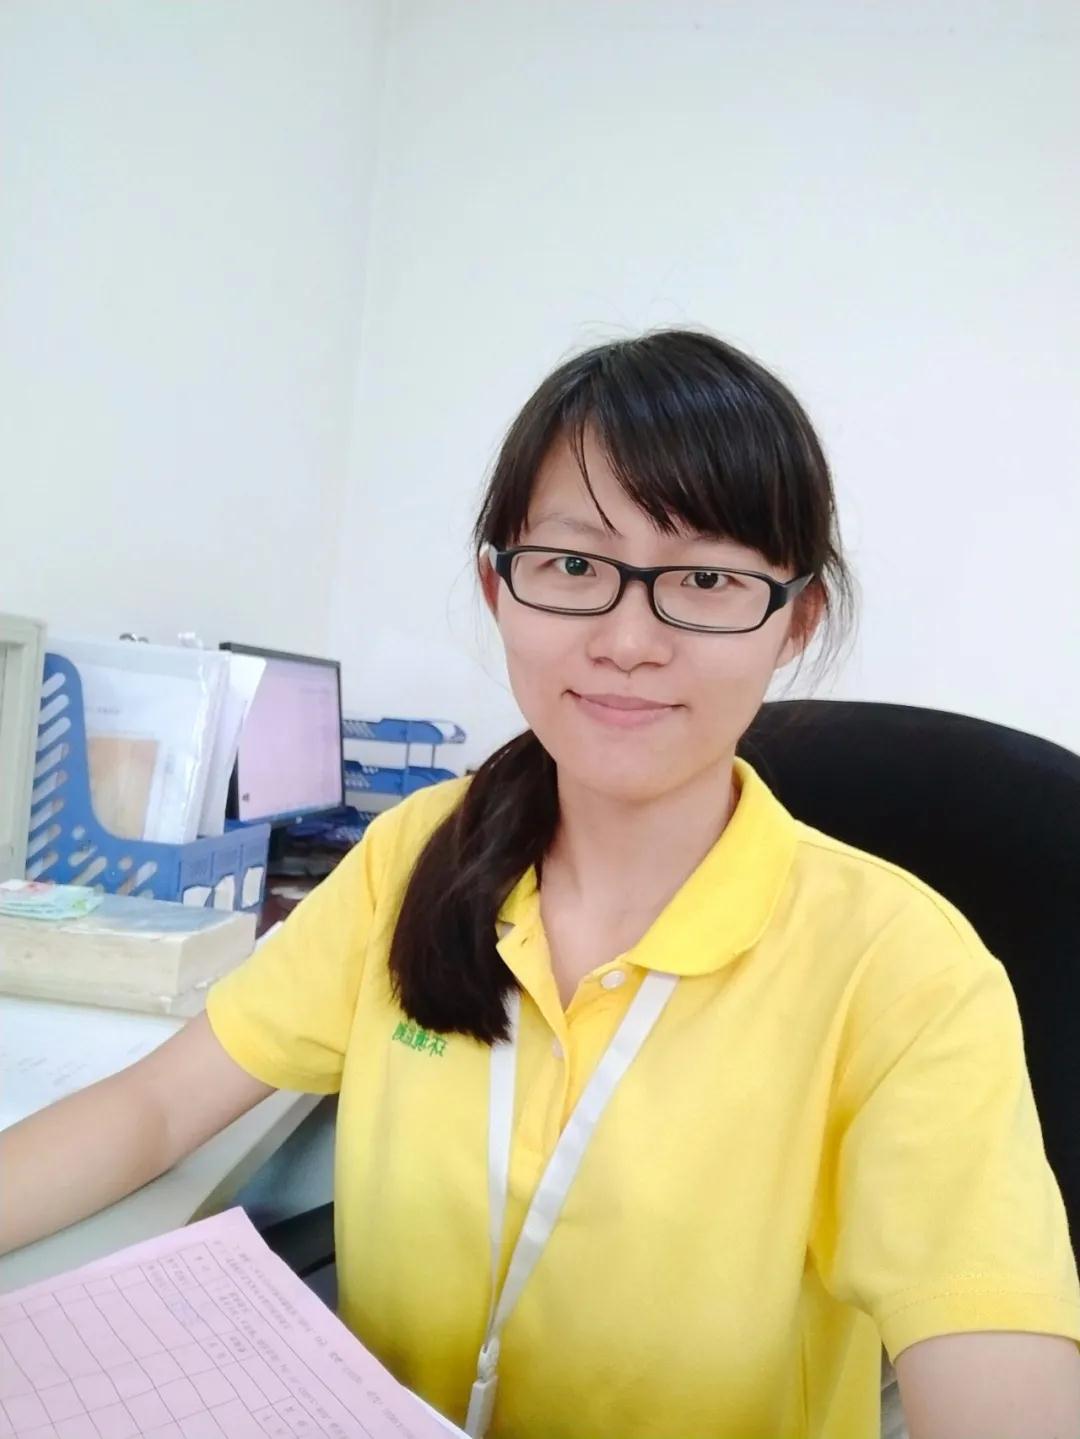 建研环境监测丨优秀管理层代表—分析测试部部长黄纯琳交车仪式